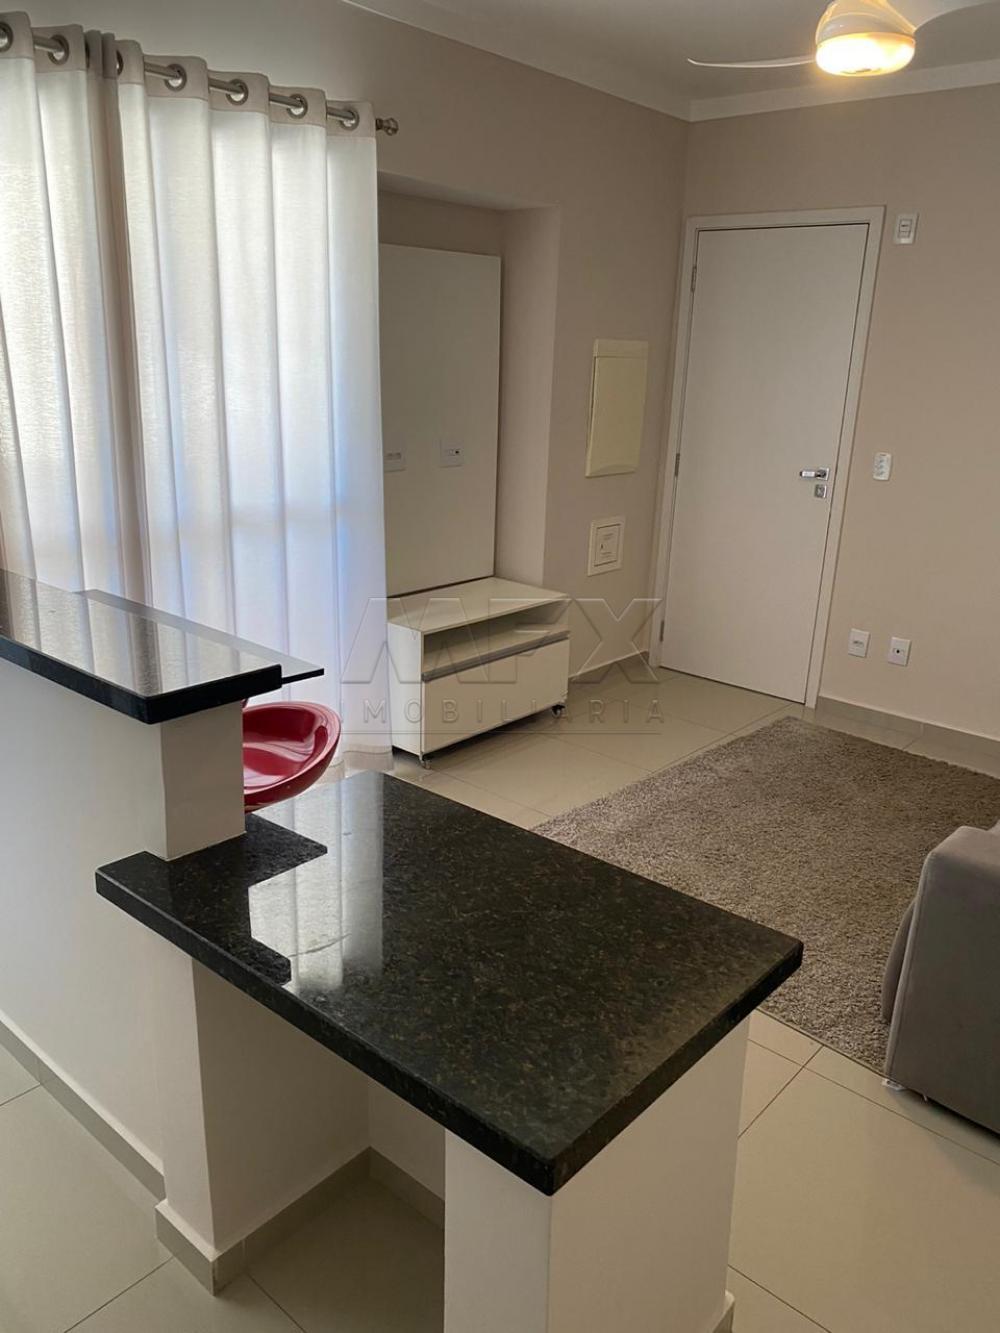 Alugar Apartamento / Padrão em Bauru apenas R$ 1.300,00 - Foto 2